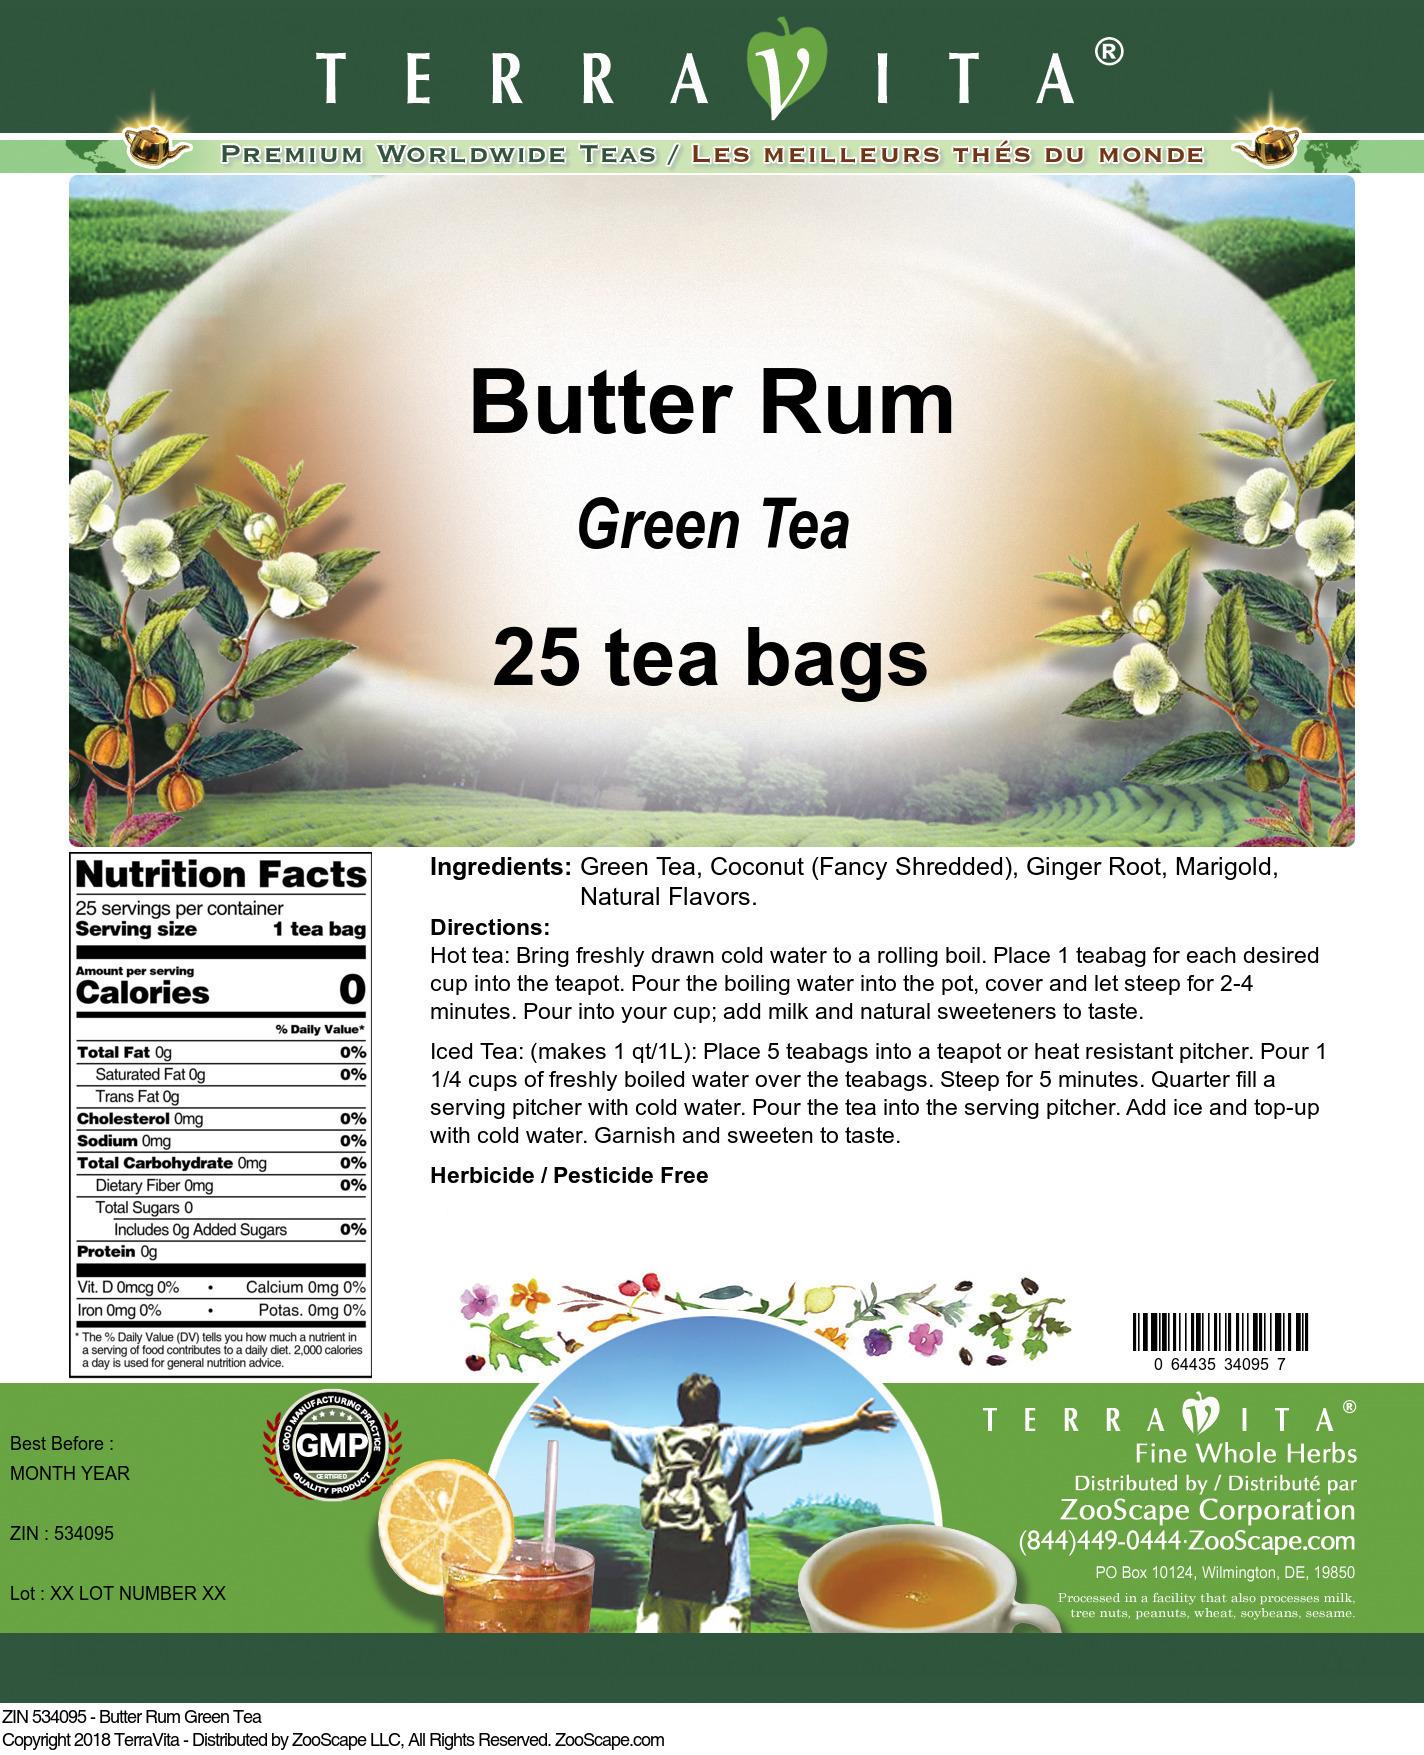 Butter Rum Green Tea